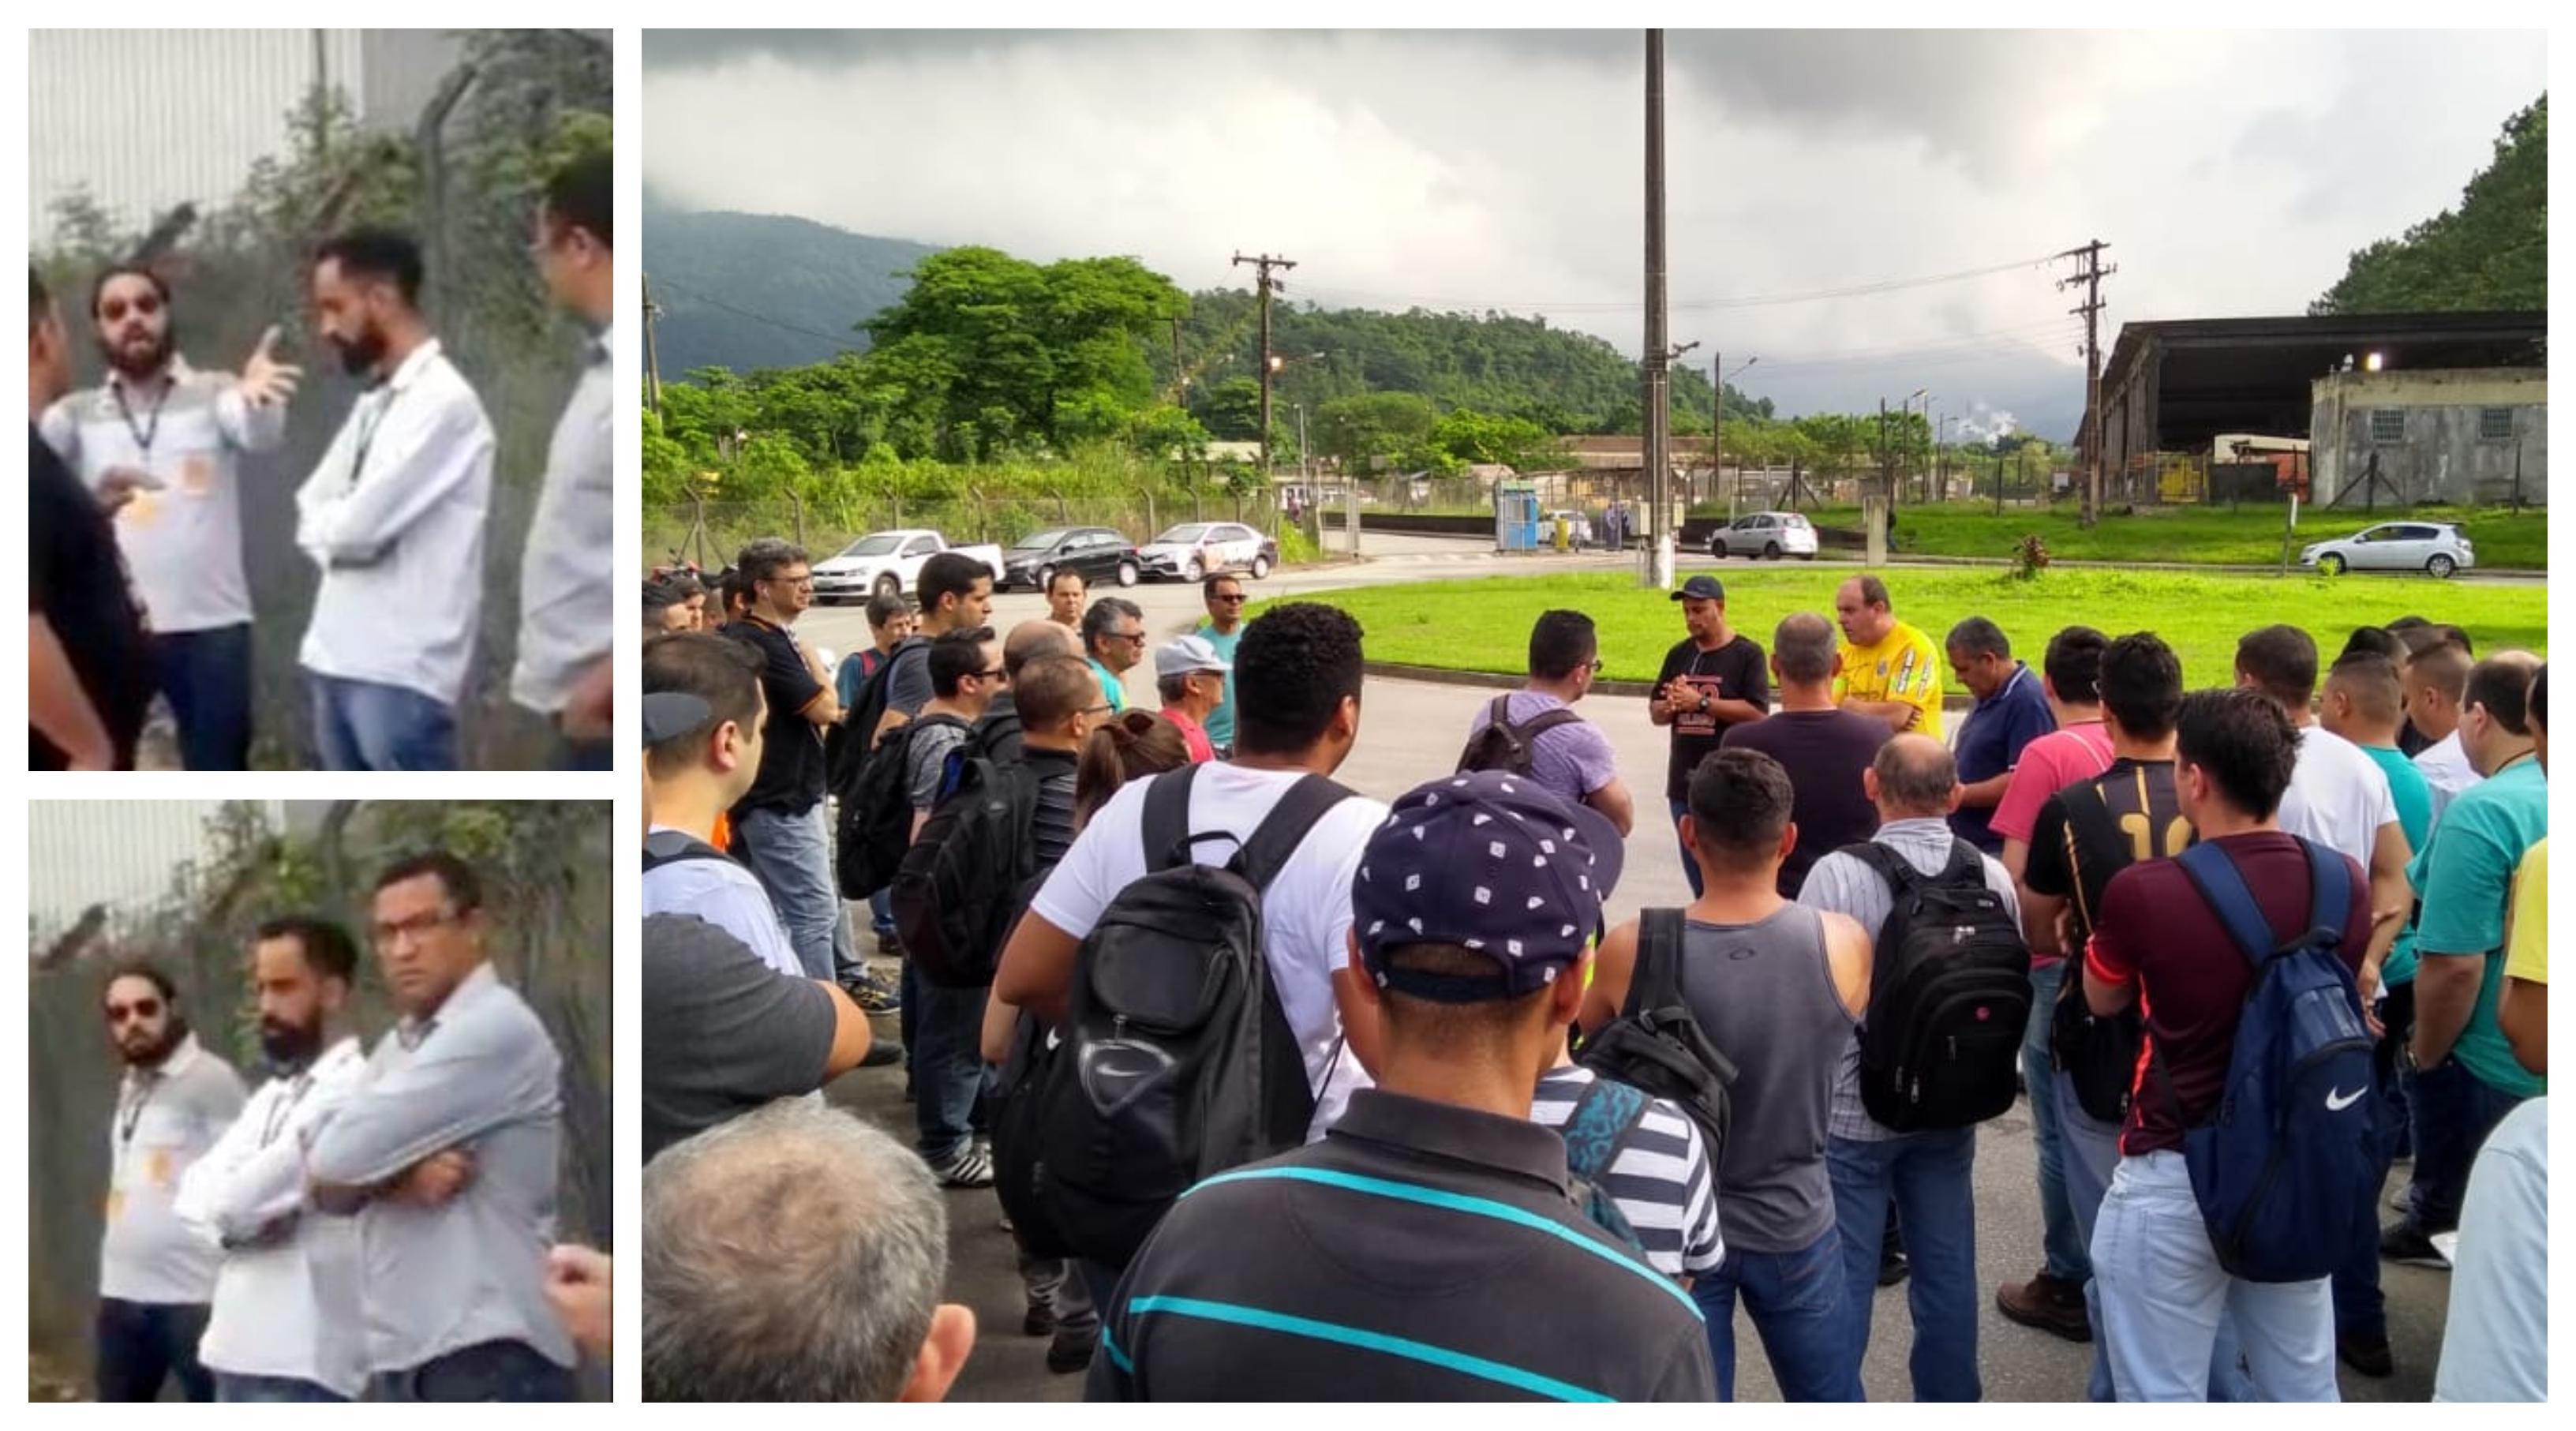 Em Cubatão, empreiteiro força entrada de petroleiros em greve e acusa sindicalistas de cobrar propina; eles o desafiam a provar; vídeo